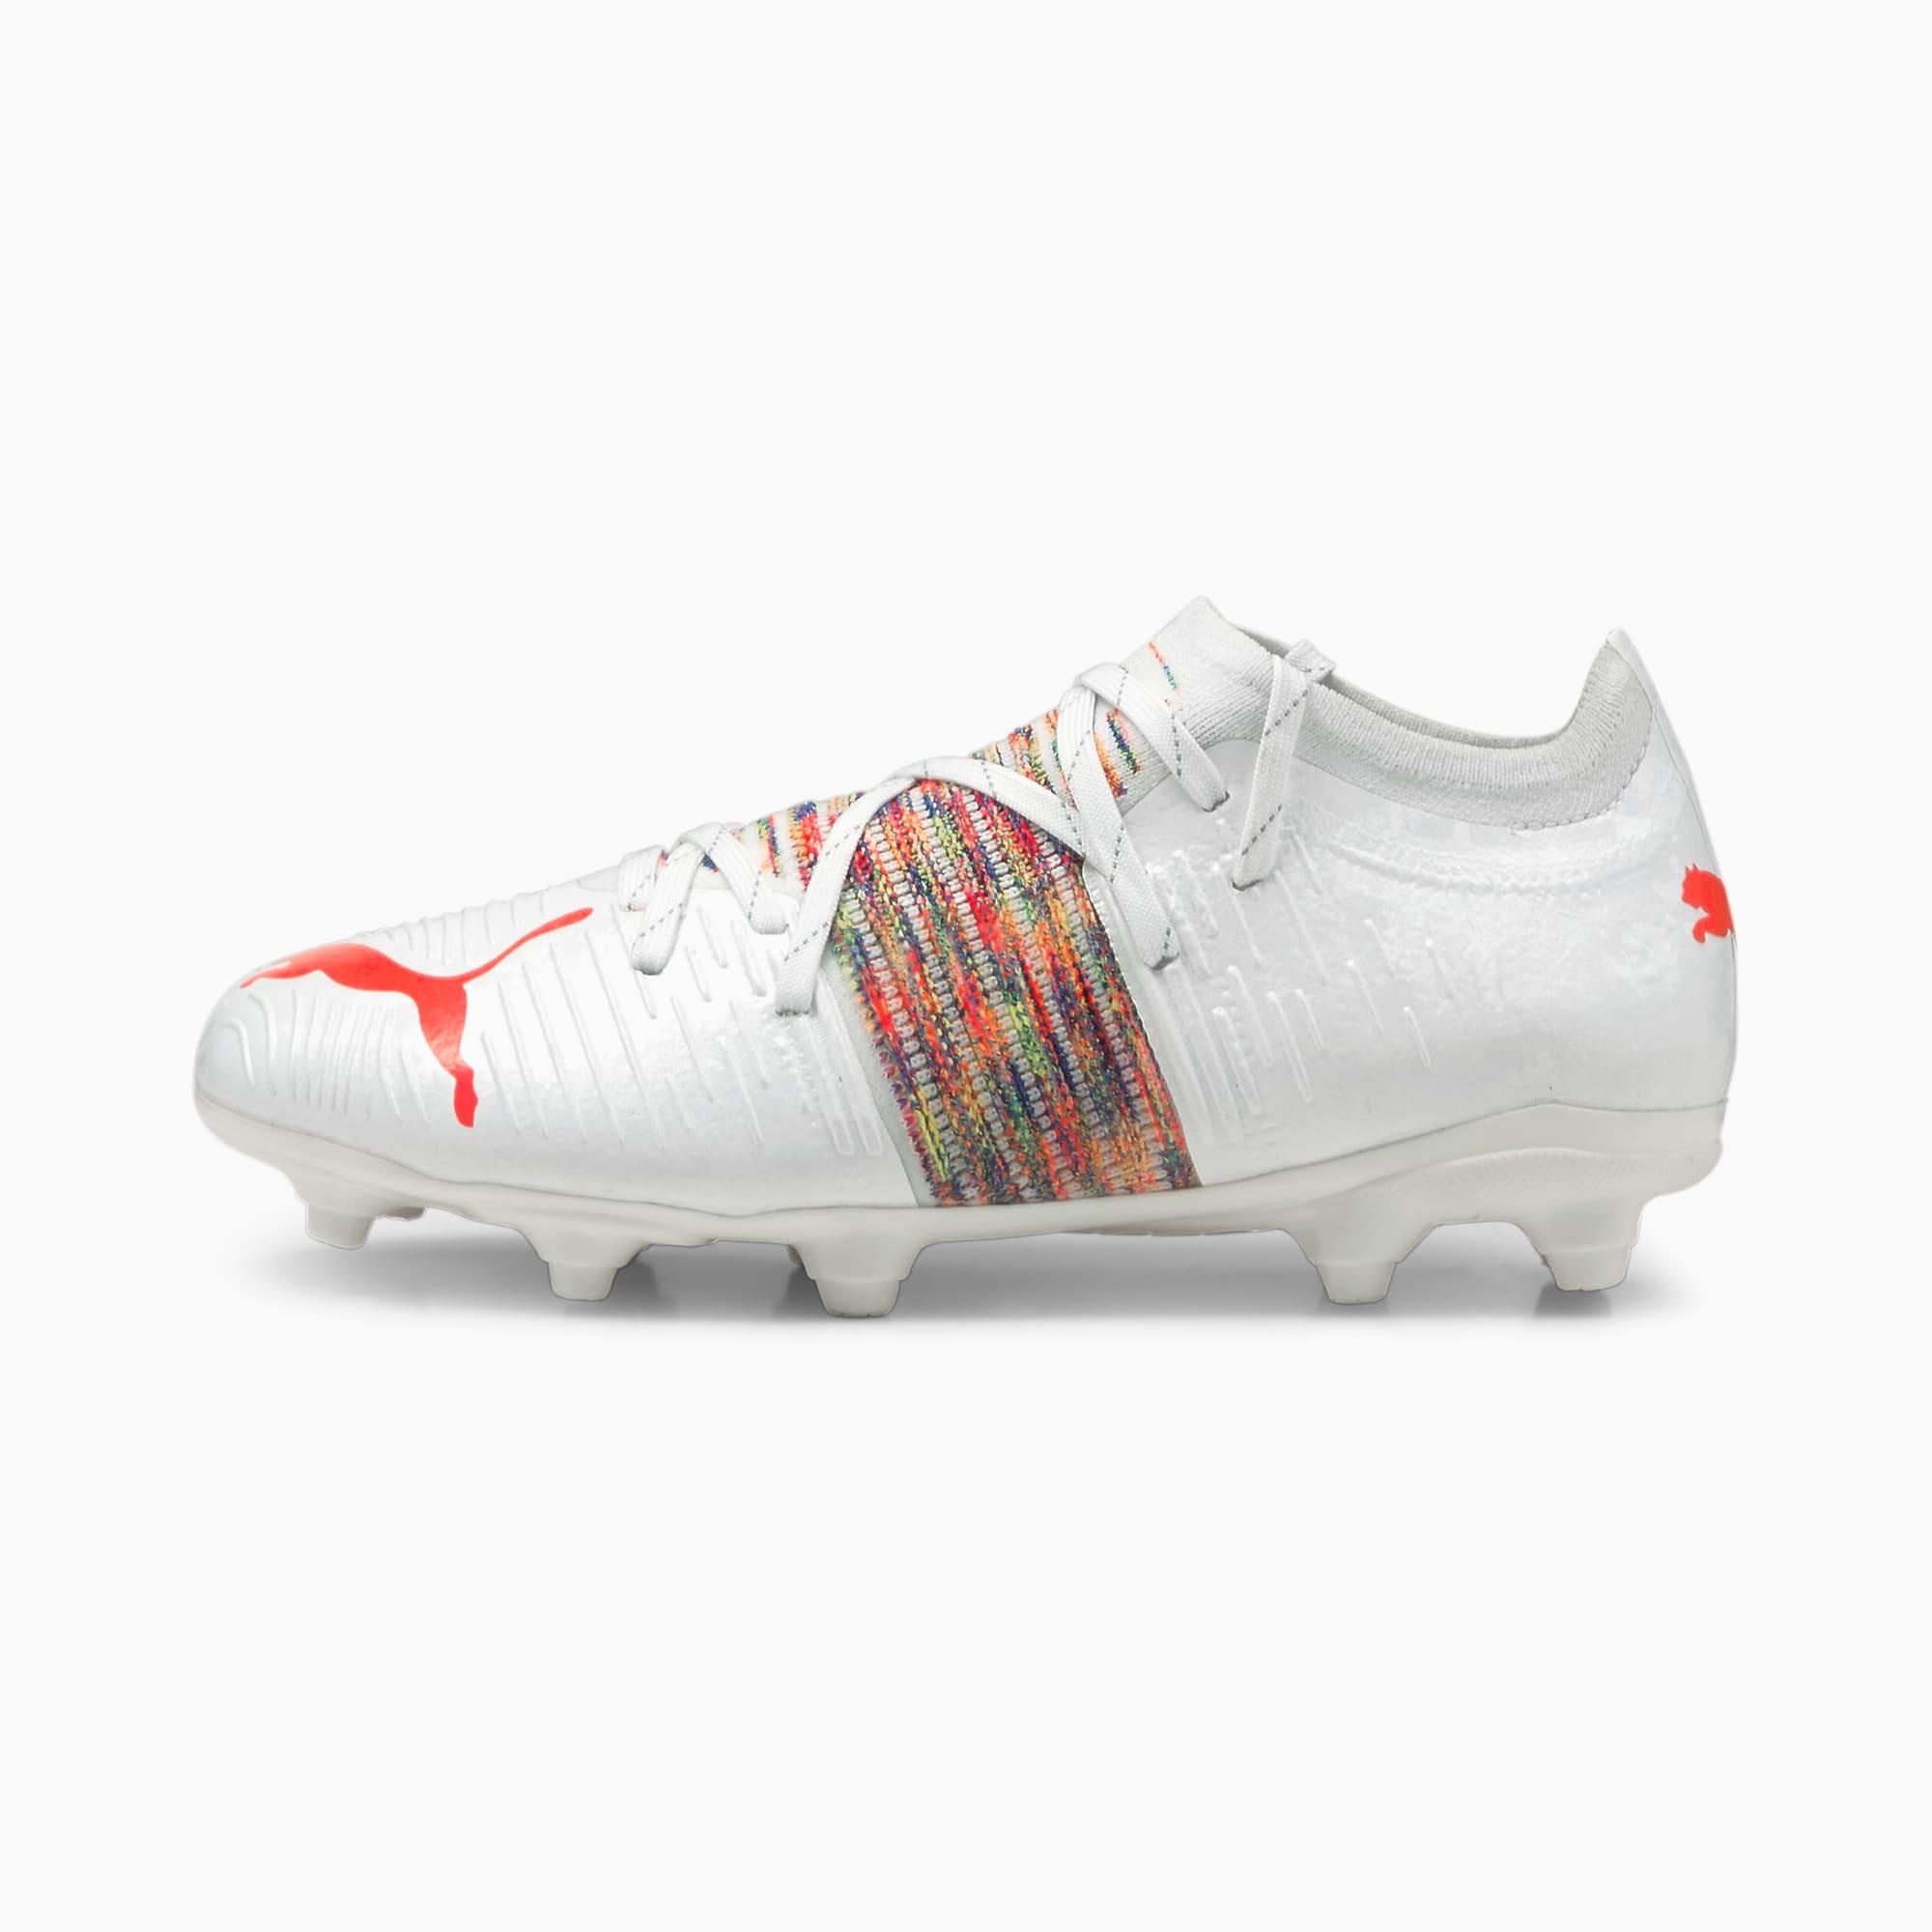 Chaussures de football FUTURE Z 2.1 FG/AG enfant et adolescent